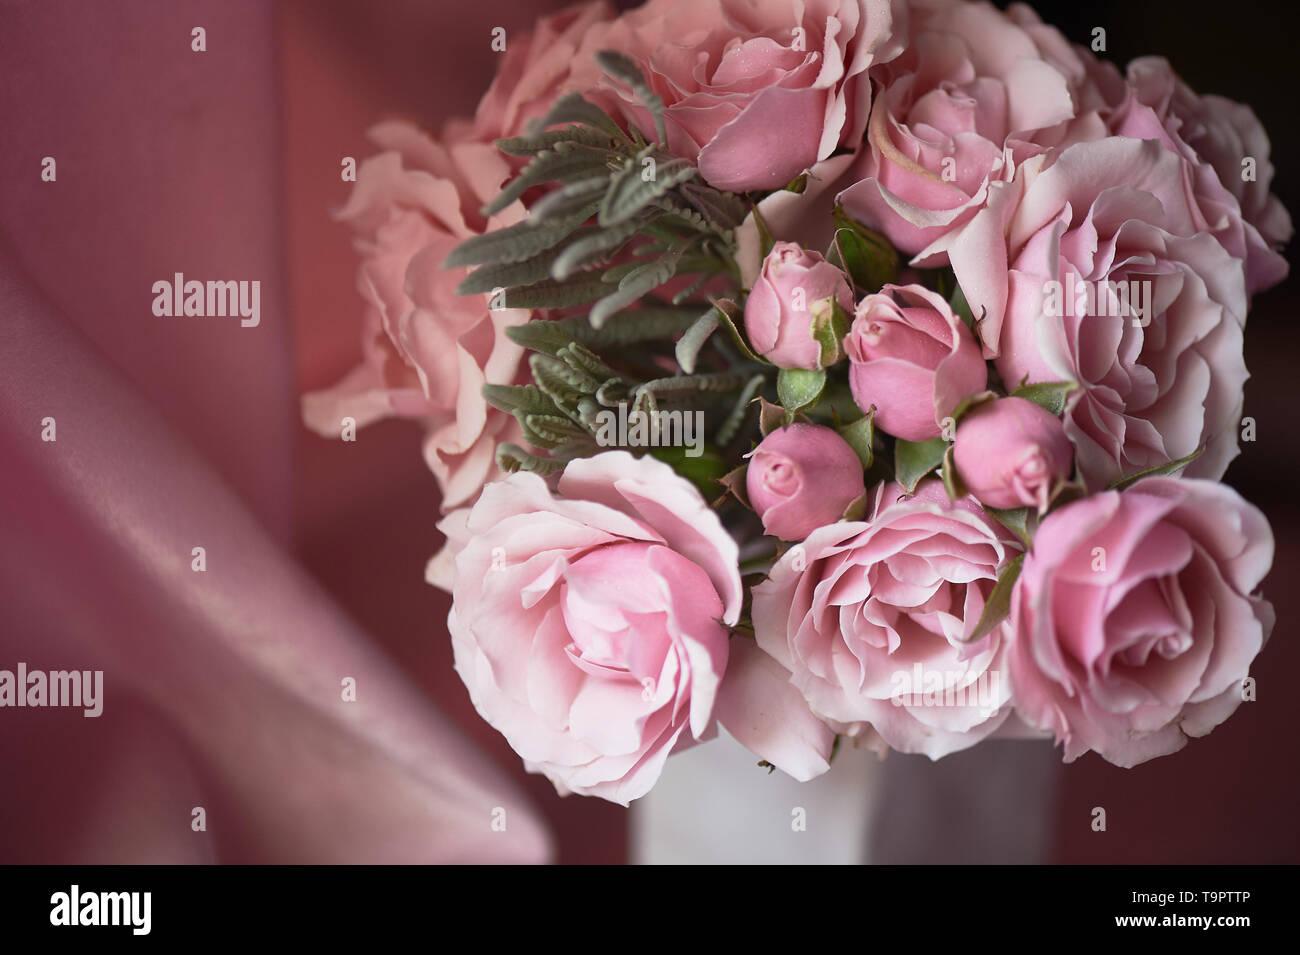 Einen kleinen Blumenstrauß aus Rosen. Hochzeit Floristik. zarten Pastellfarben. Stockbild